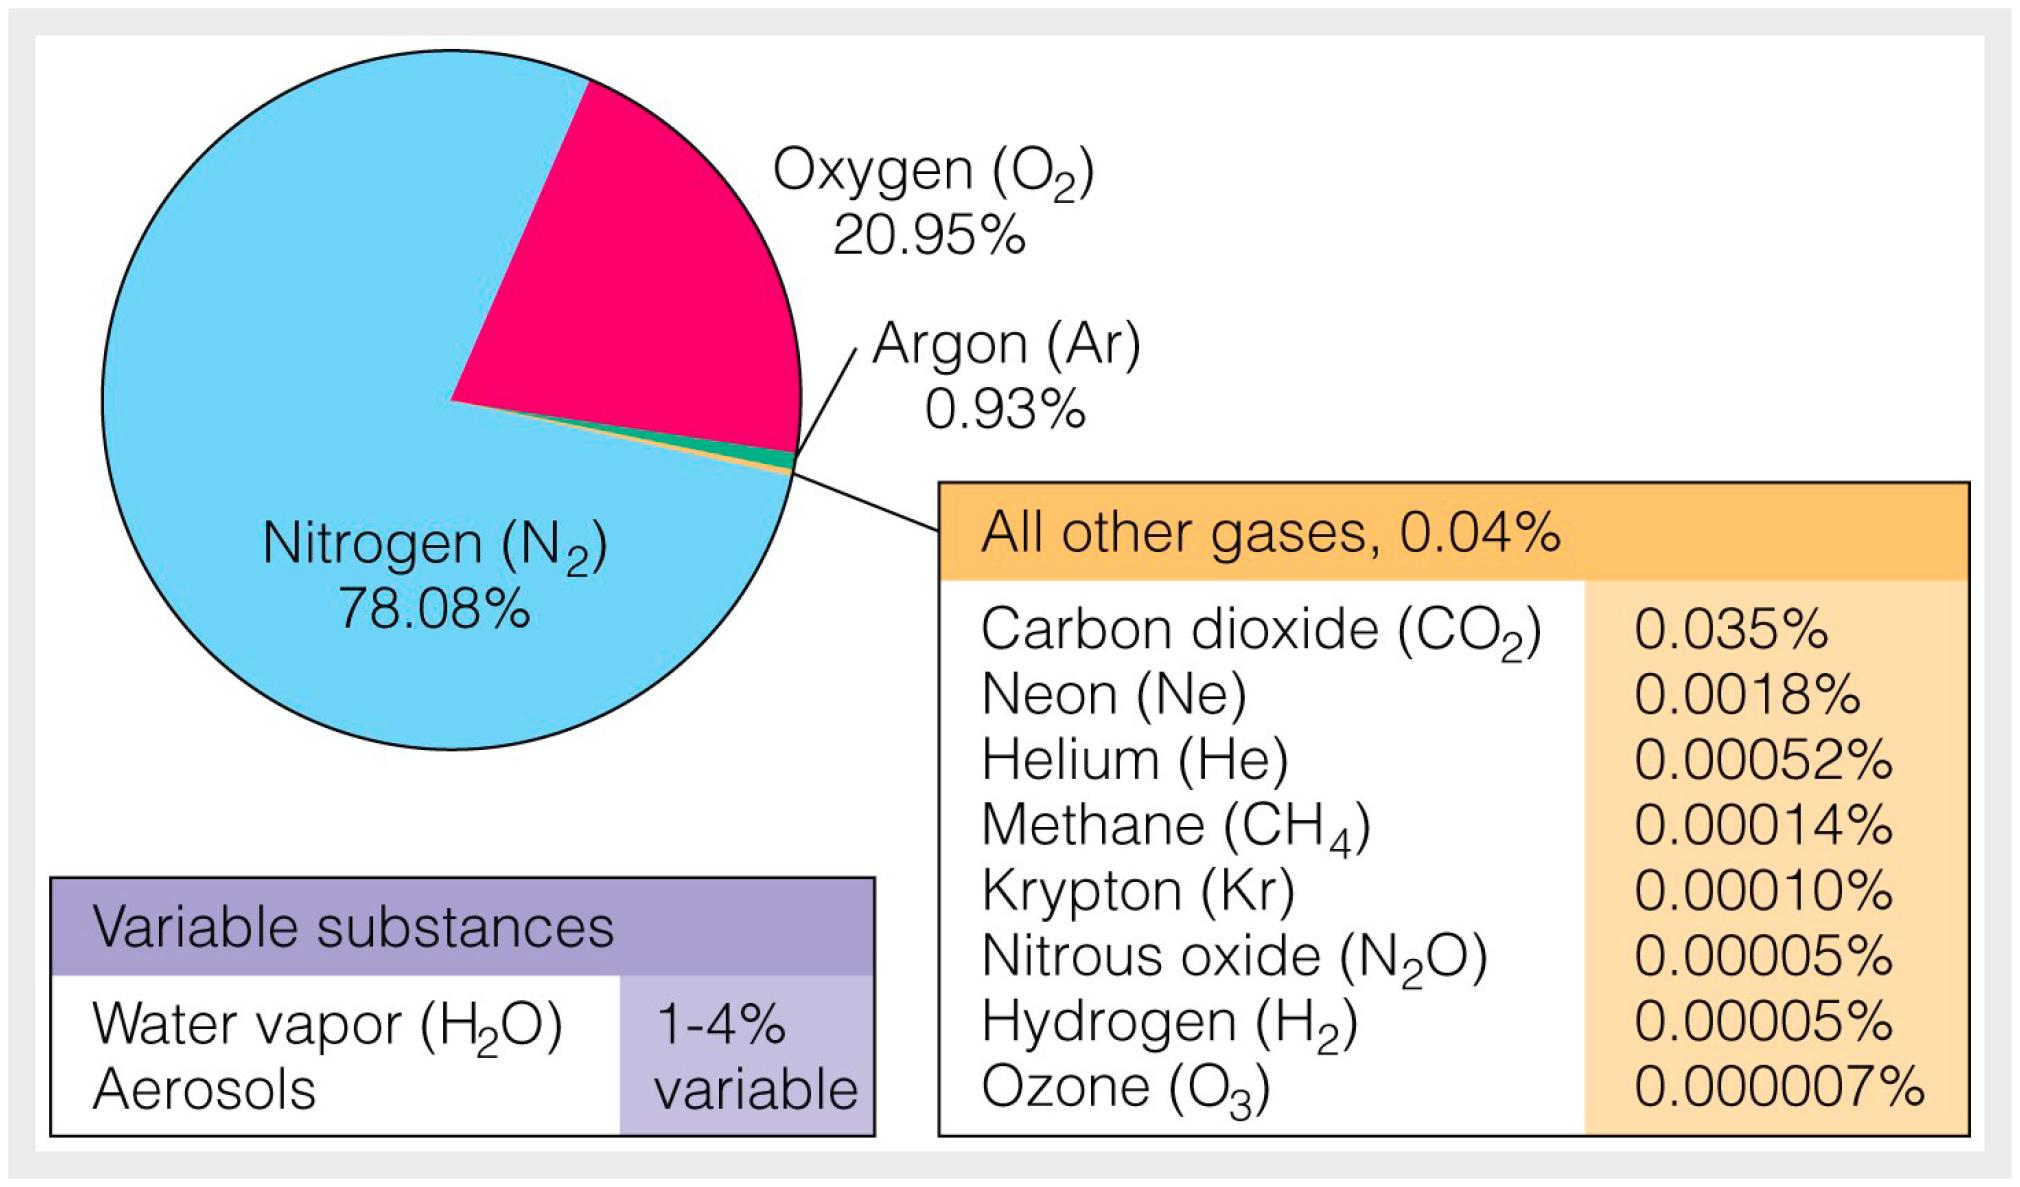 Рис.4. Химический состав современной атмосферы (данные на 2010год). Влевом боксе снизу указаны водяной пар иаэрозоли спроцентным составом, варьирующим от 1 до 4%. Парниковыми газами являются Н2О, СО2, СН4, N2O иО3. Искусственные парниковые газы – хлорфторуглероды (CFC) – опущены. Доля СО2 на сегодняшний день ~0,0412%